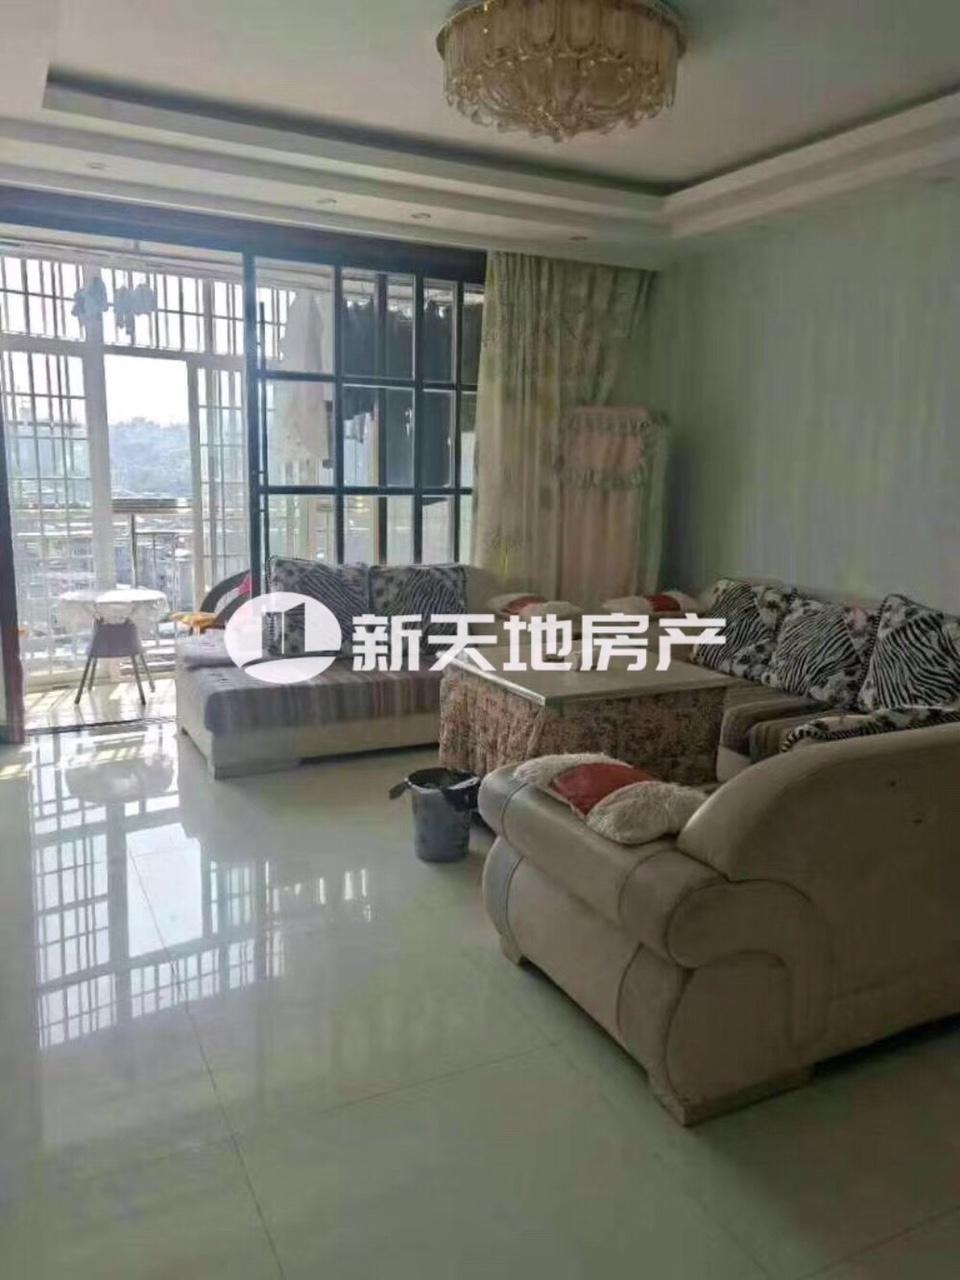 锦华苑3室 2厅 2卫54万元